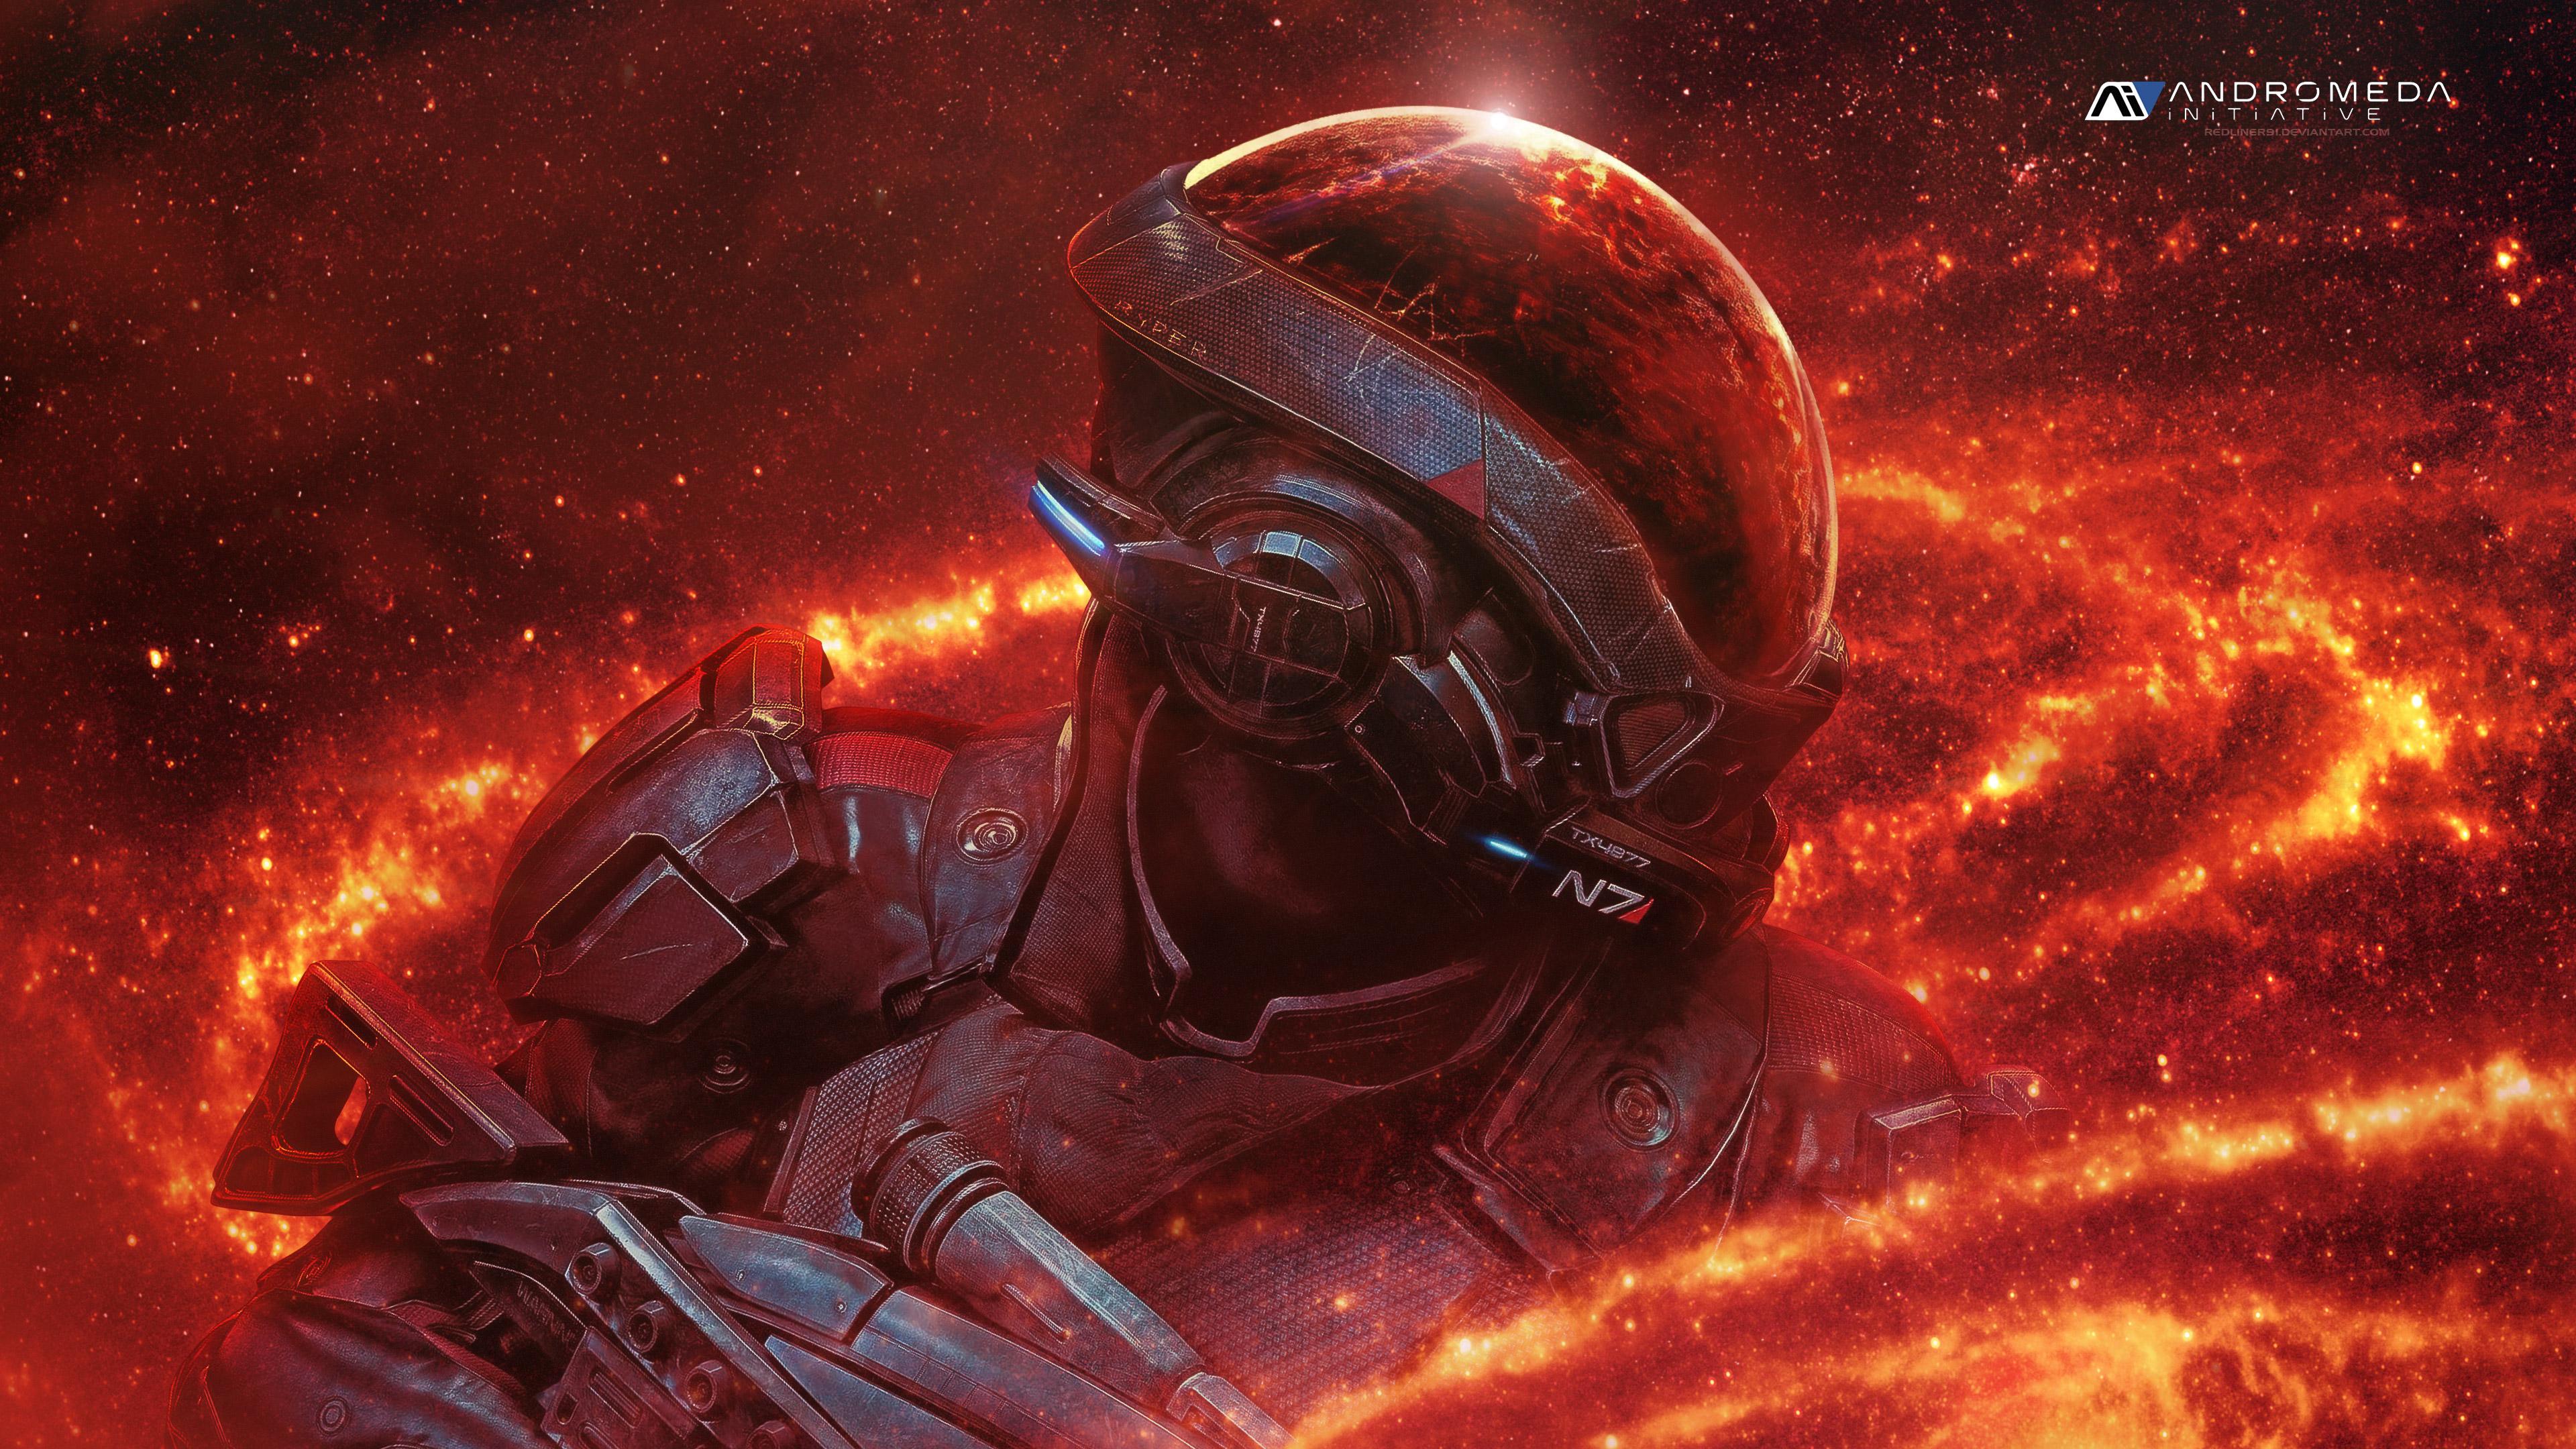 Mass Effect Andromeda Wallpaper Iphone: 1080x1920 Mass Effect Andromeda RYDER N7 4k Iphone 7,6s,6